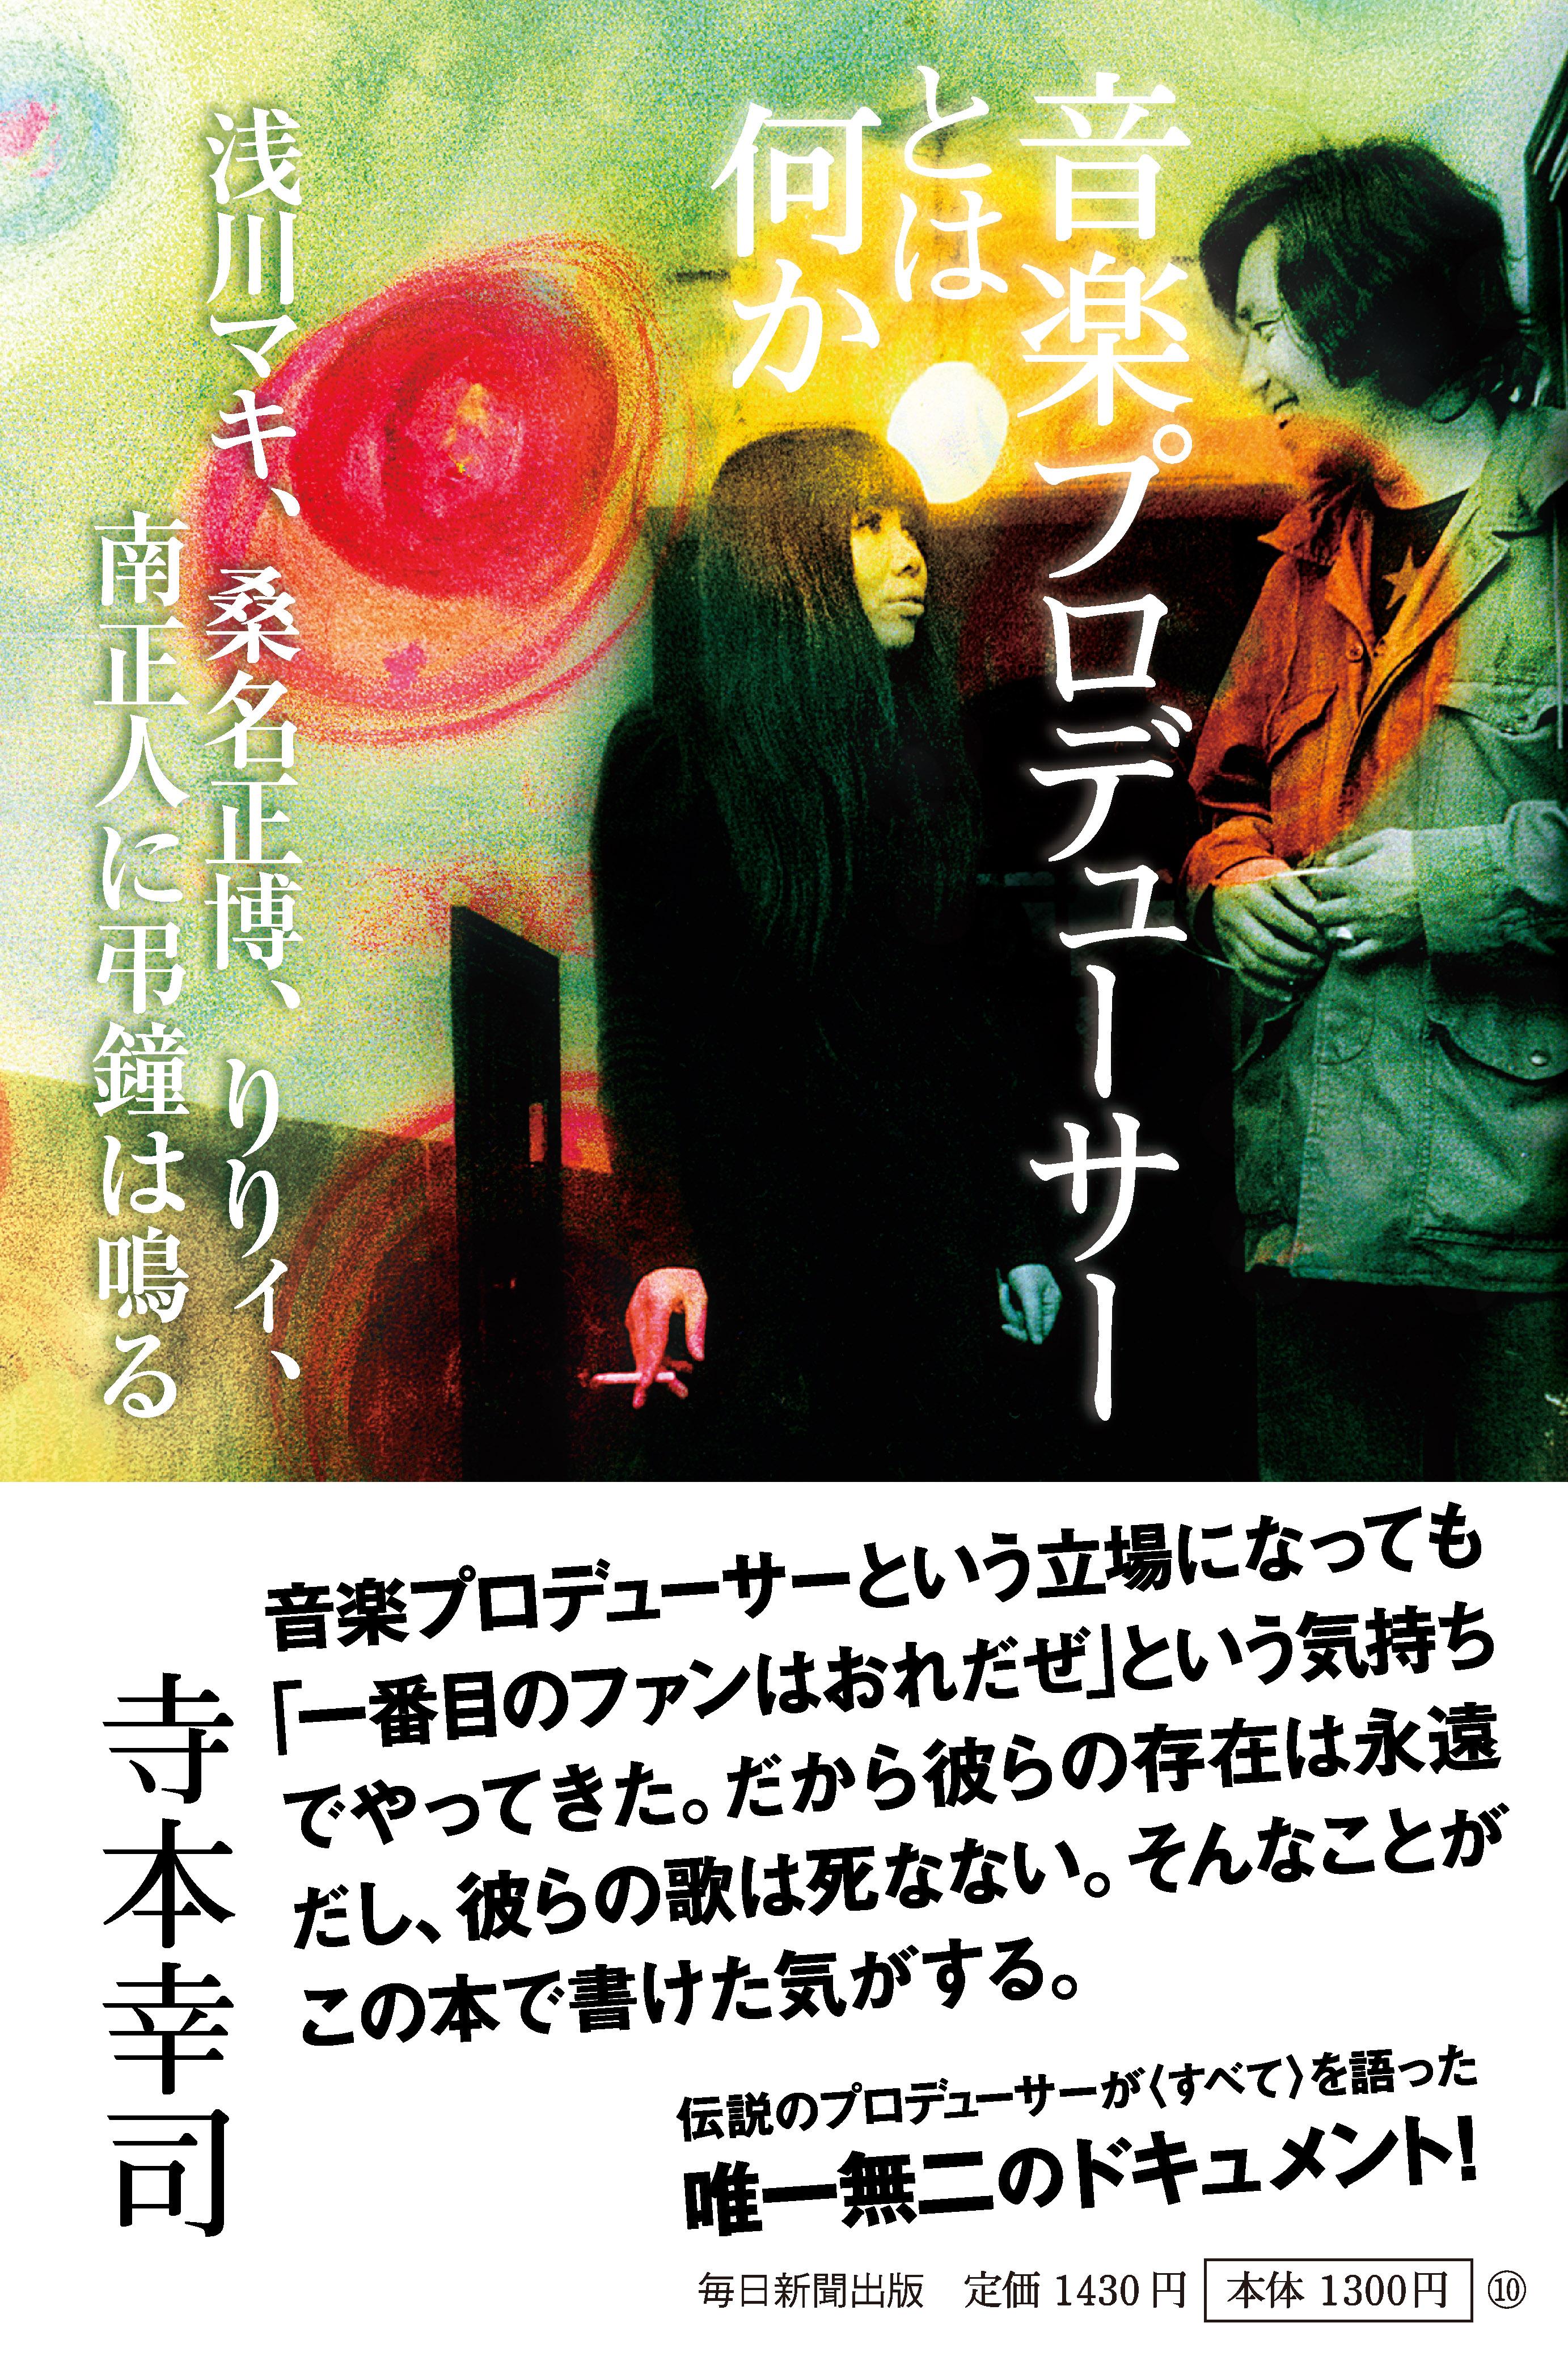 書影:音楽プロデューサーとは何か 浅川マキ、桑名正博、りりィ、南正人に弔鐘は鳴る